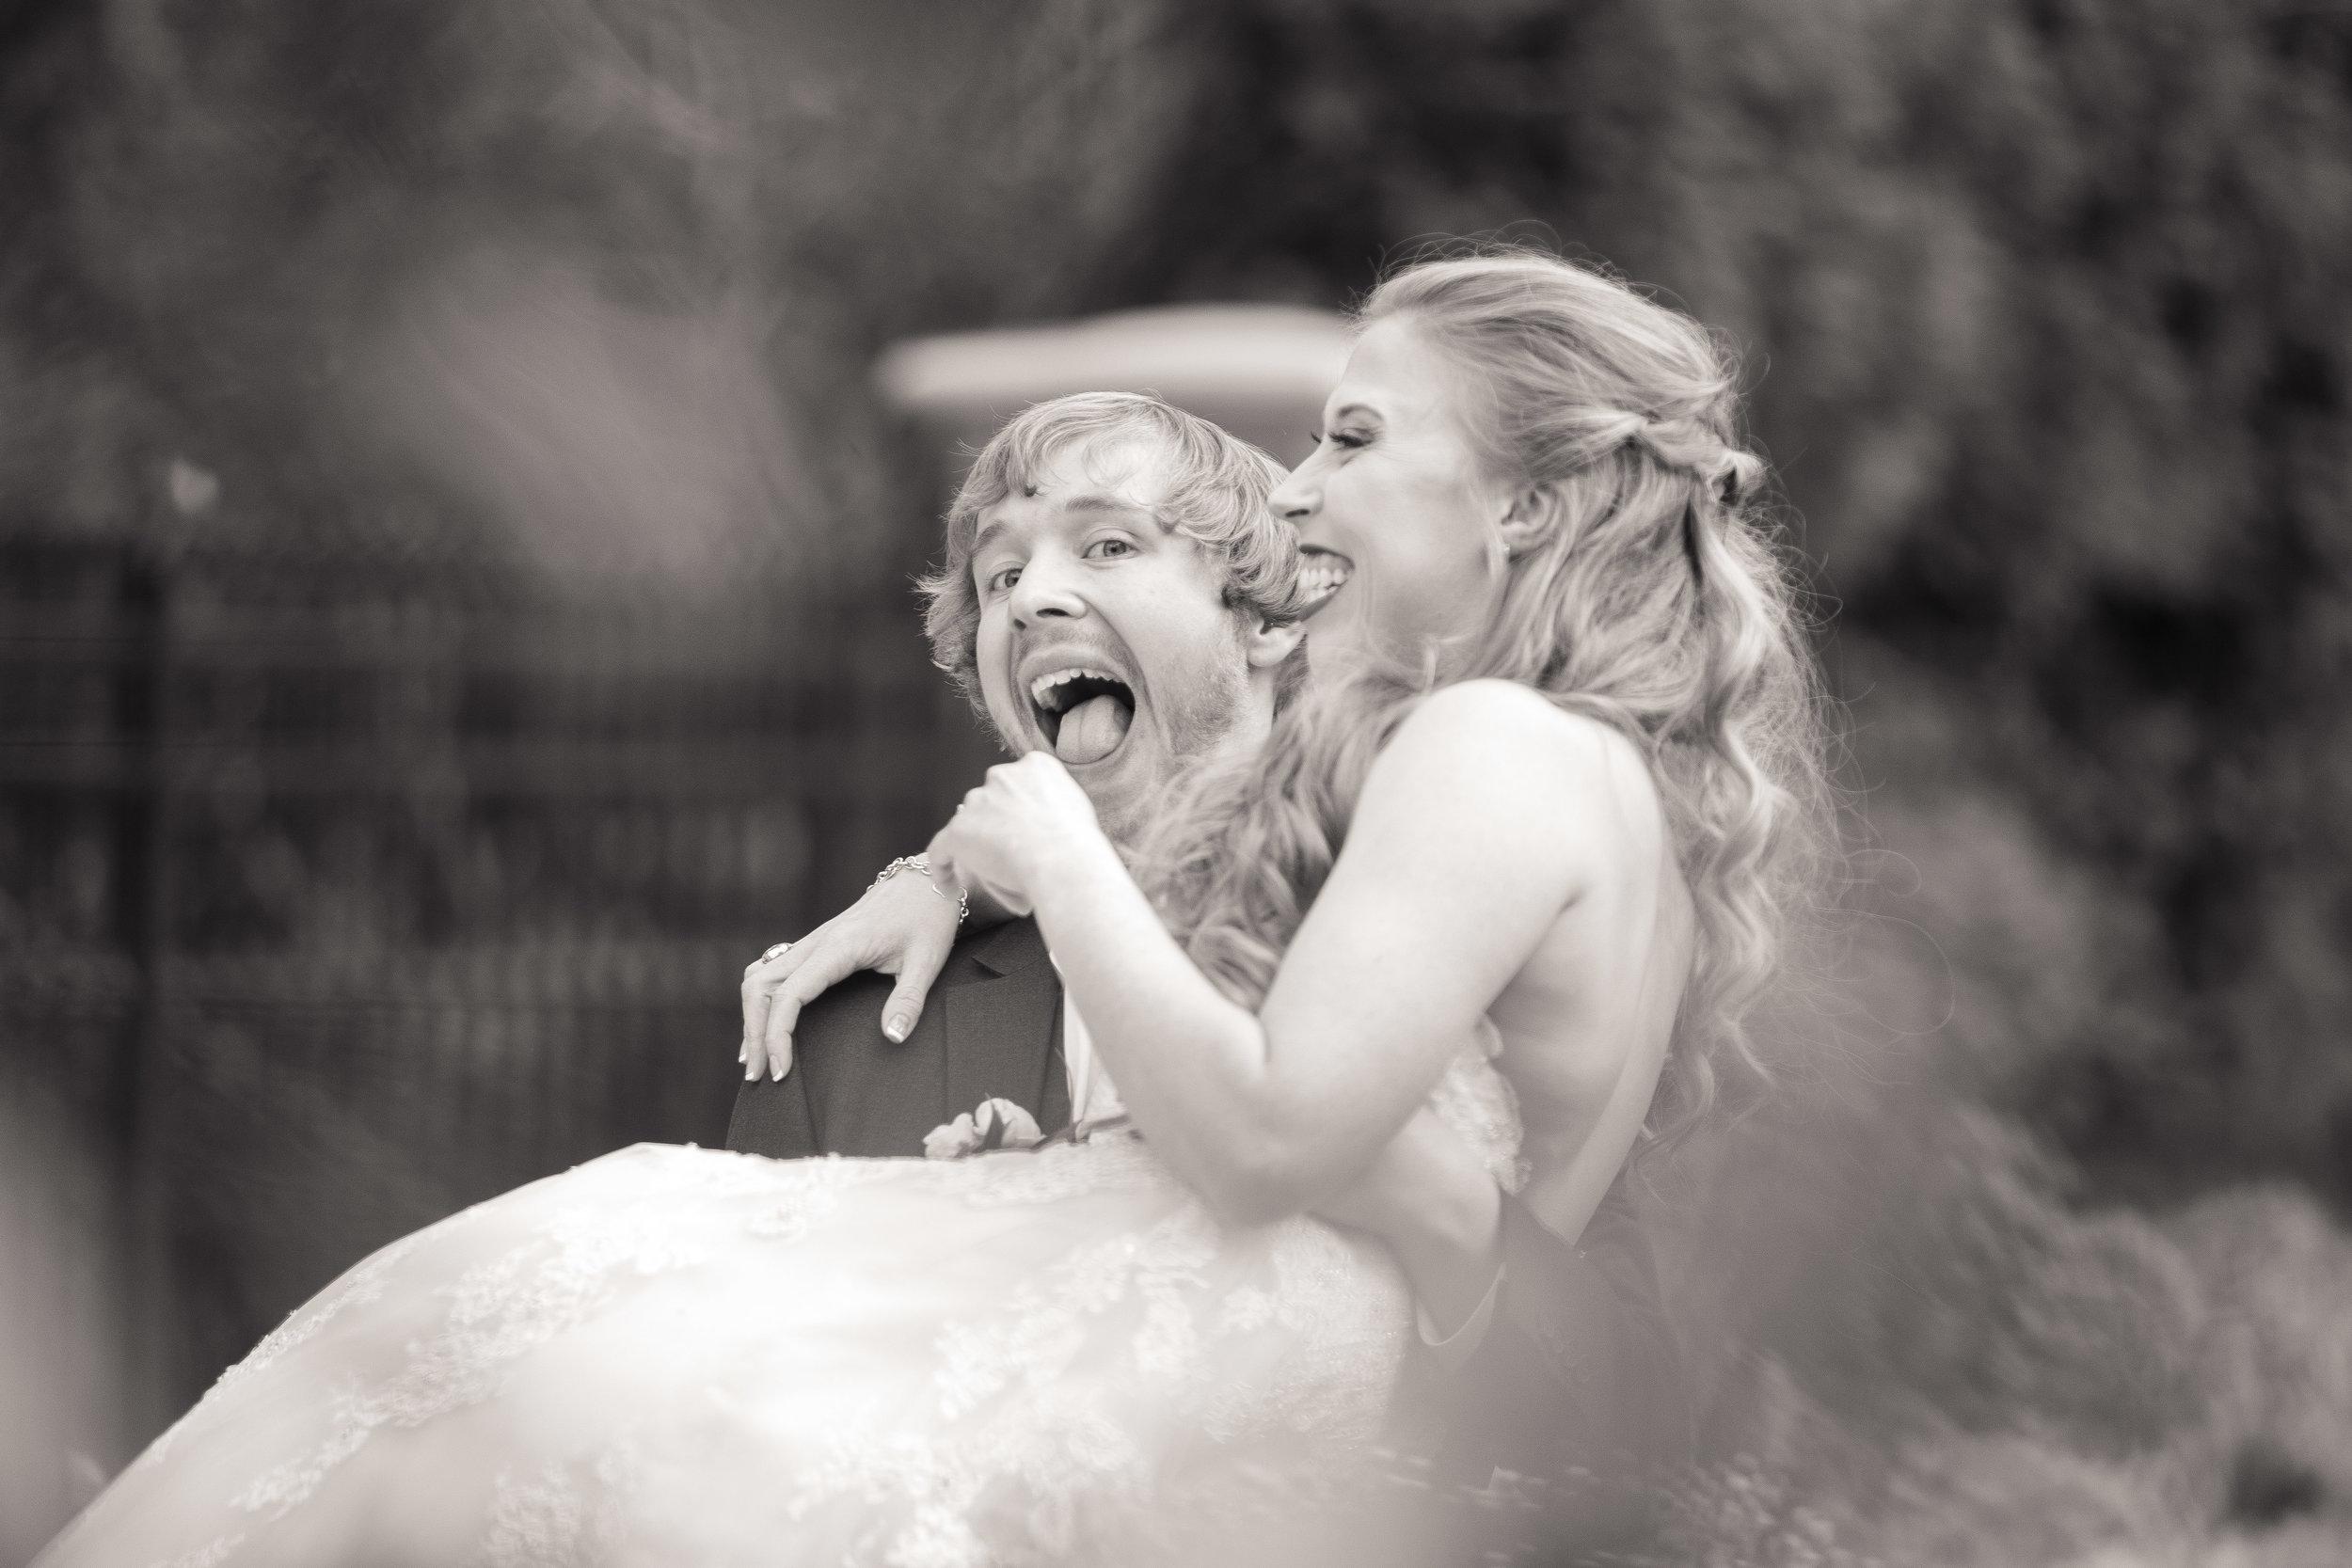 C_Wedding_Spellman, Megan & Tyler_10.27.18-743.JPG